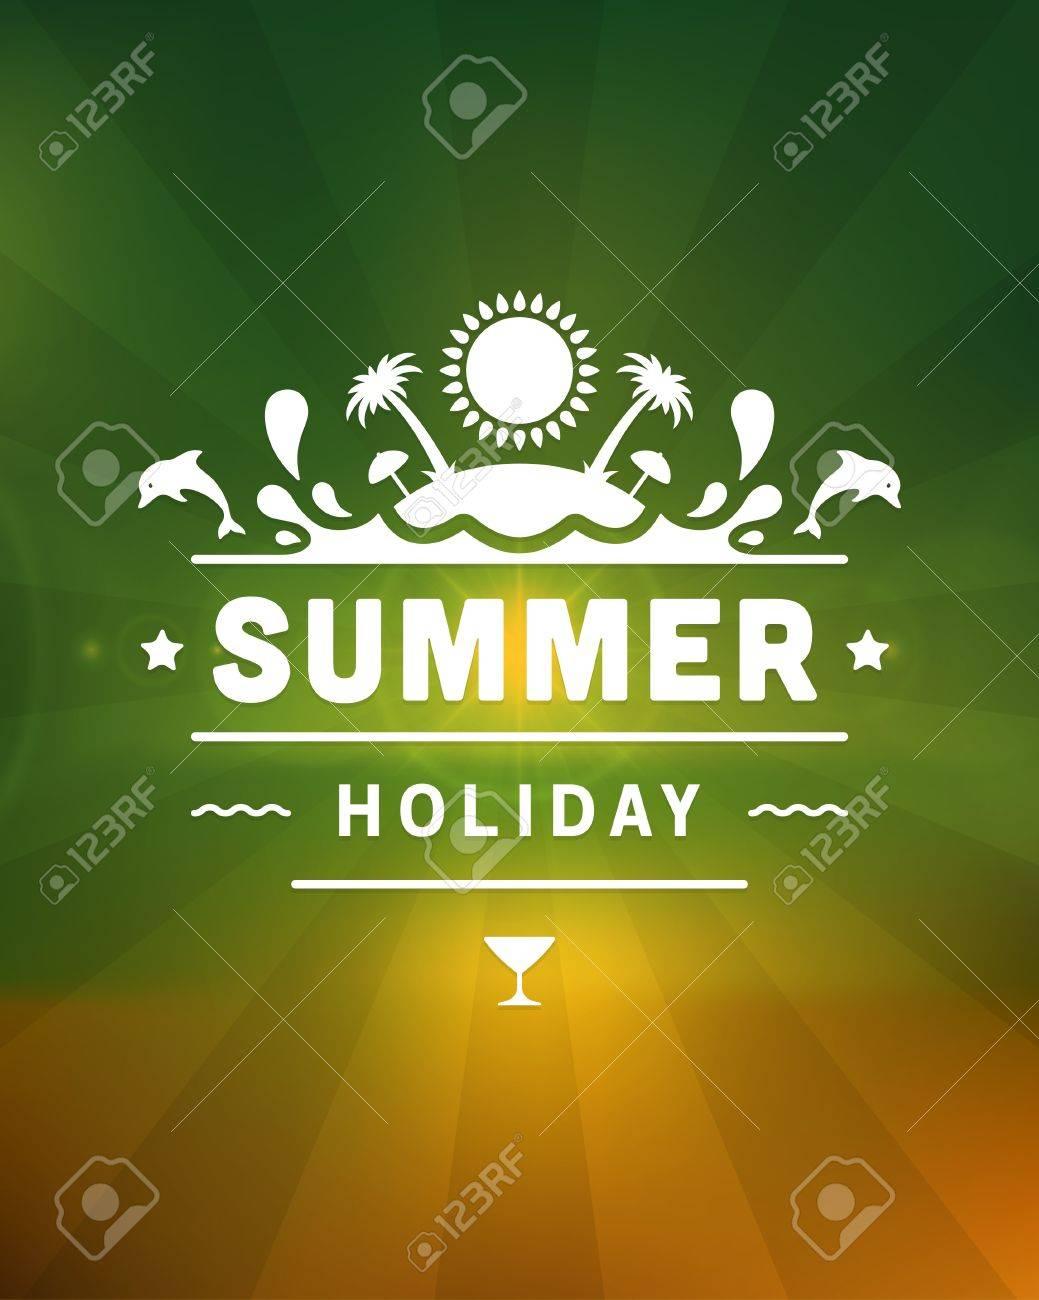 Retro summer design poster  Vector illustration Stock Vector - 19757046